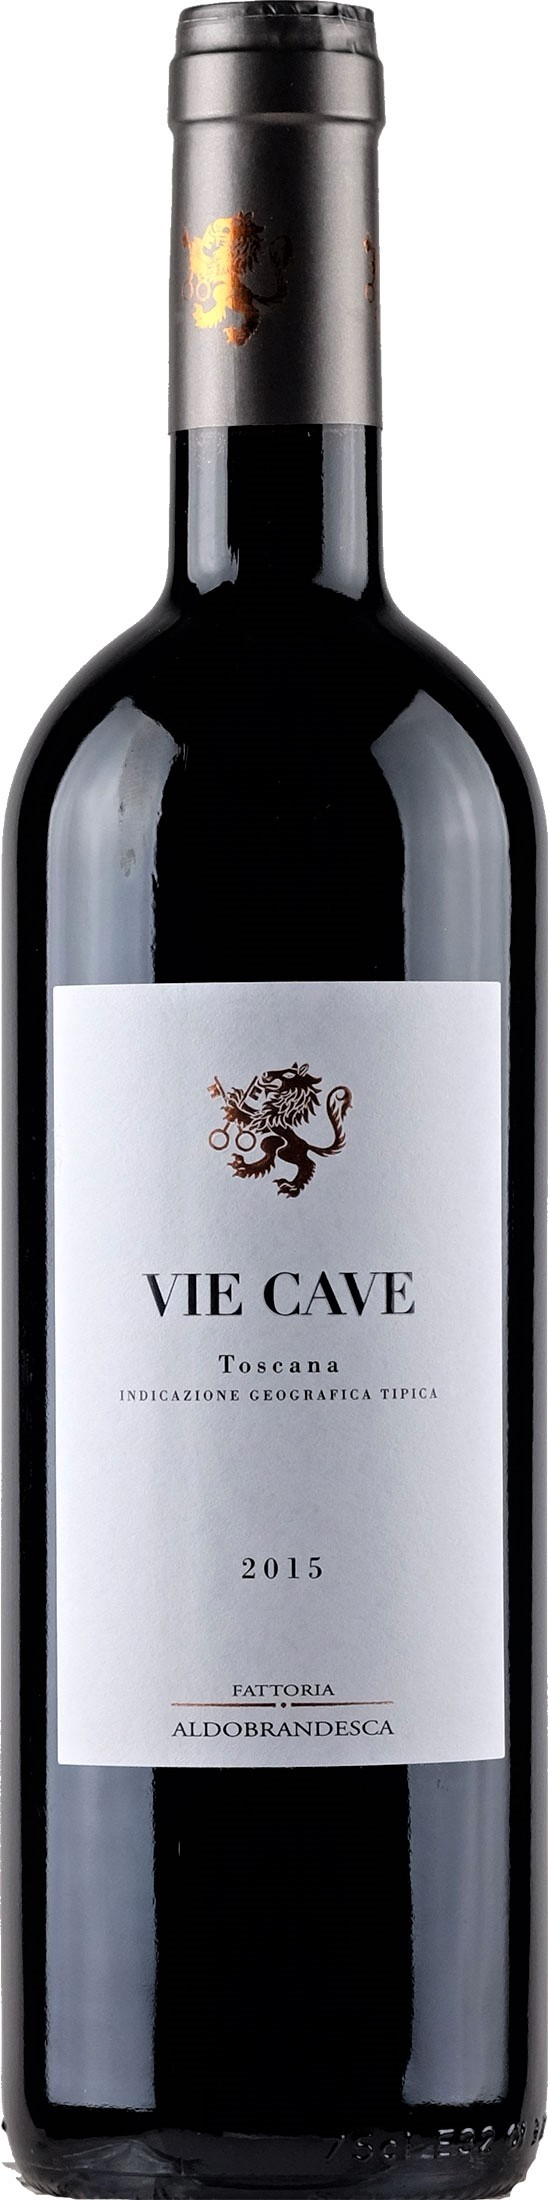 Bodega Aldobrandesca - Vie Cave - 2015